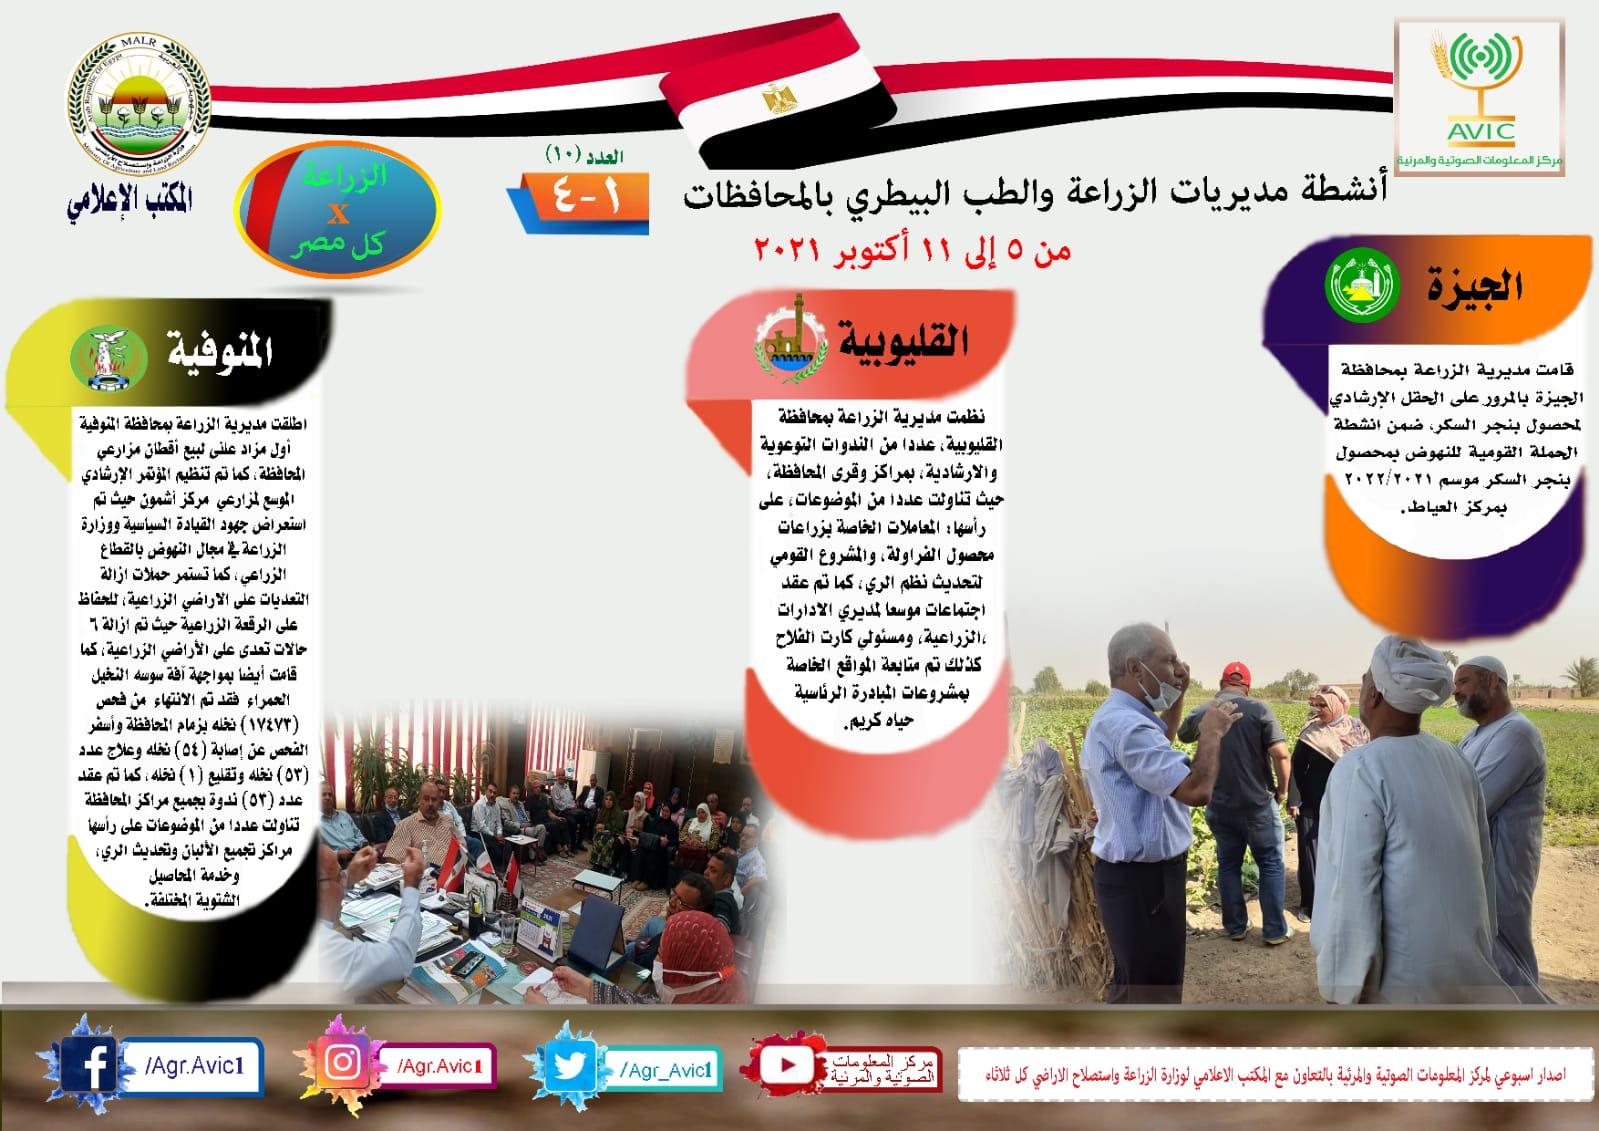 """انفوجراف """"الزراعة في كل مصر"""" العدد العاشر.. تعرف على أنشطة وجهود مديريات الزراعة والطب البيطري خلال الفترة من ٥ وحتى ١١ اكتوبر الجاري"""